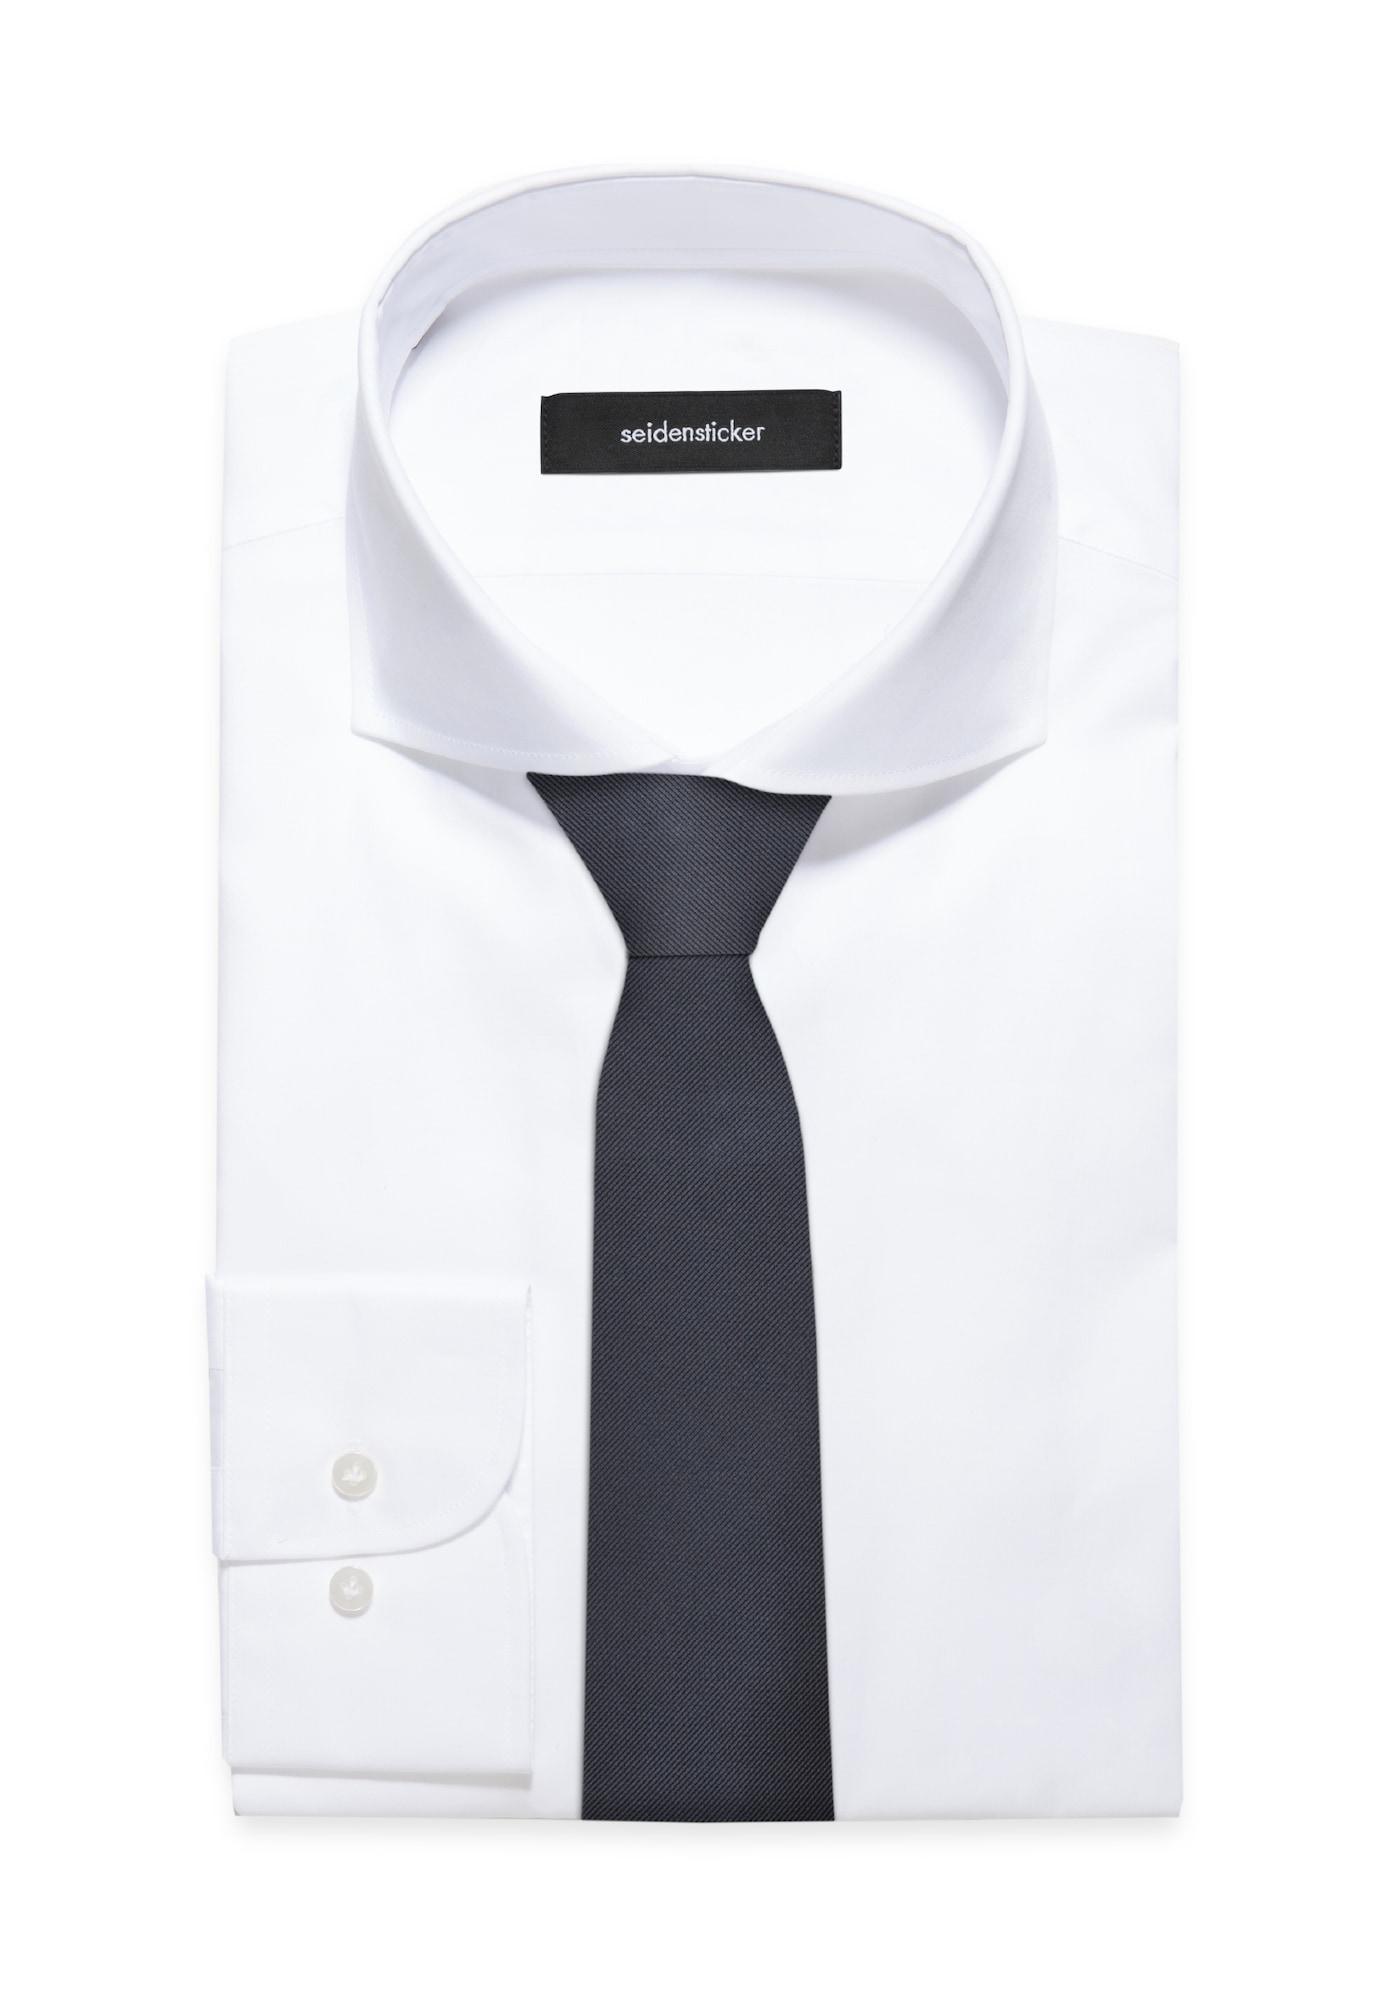 SEIDENSTICKER Cravate ' Schwarze Rose '  bleu marine